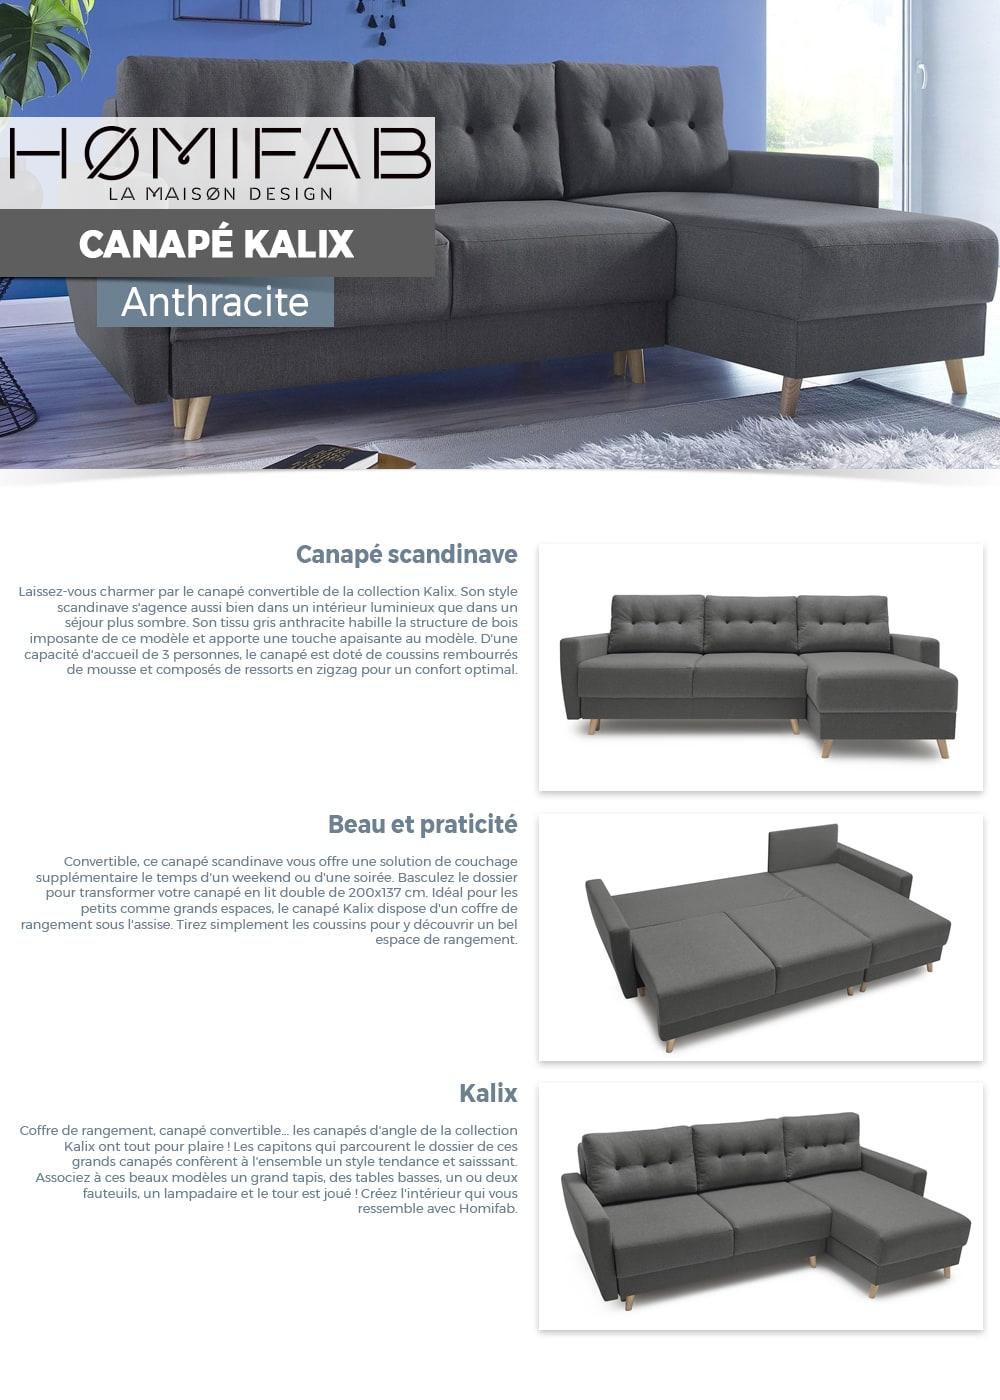 Canapé D'angle Convertible En Tissu Gris Anthracite Kalix - Avec Couchage  140X200 Cm, Coffre De Rangement, Angle Réversible. tout Ensemble Canape Scandinave